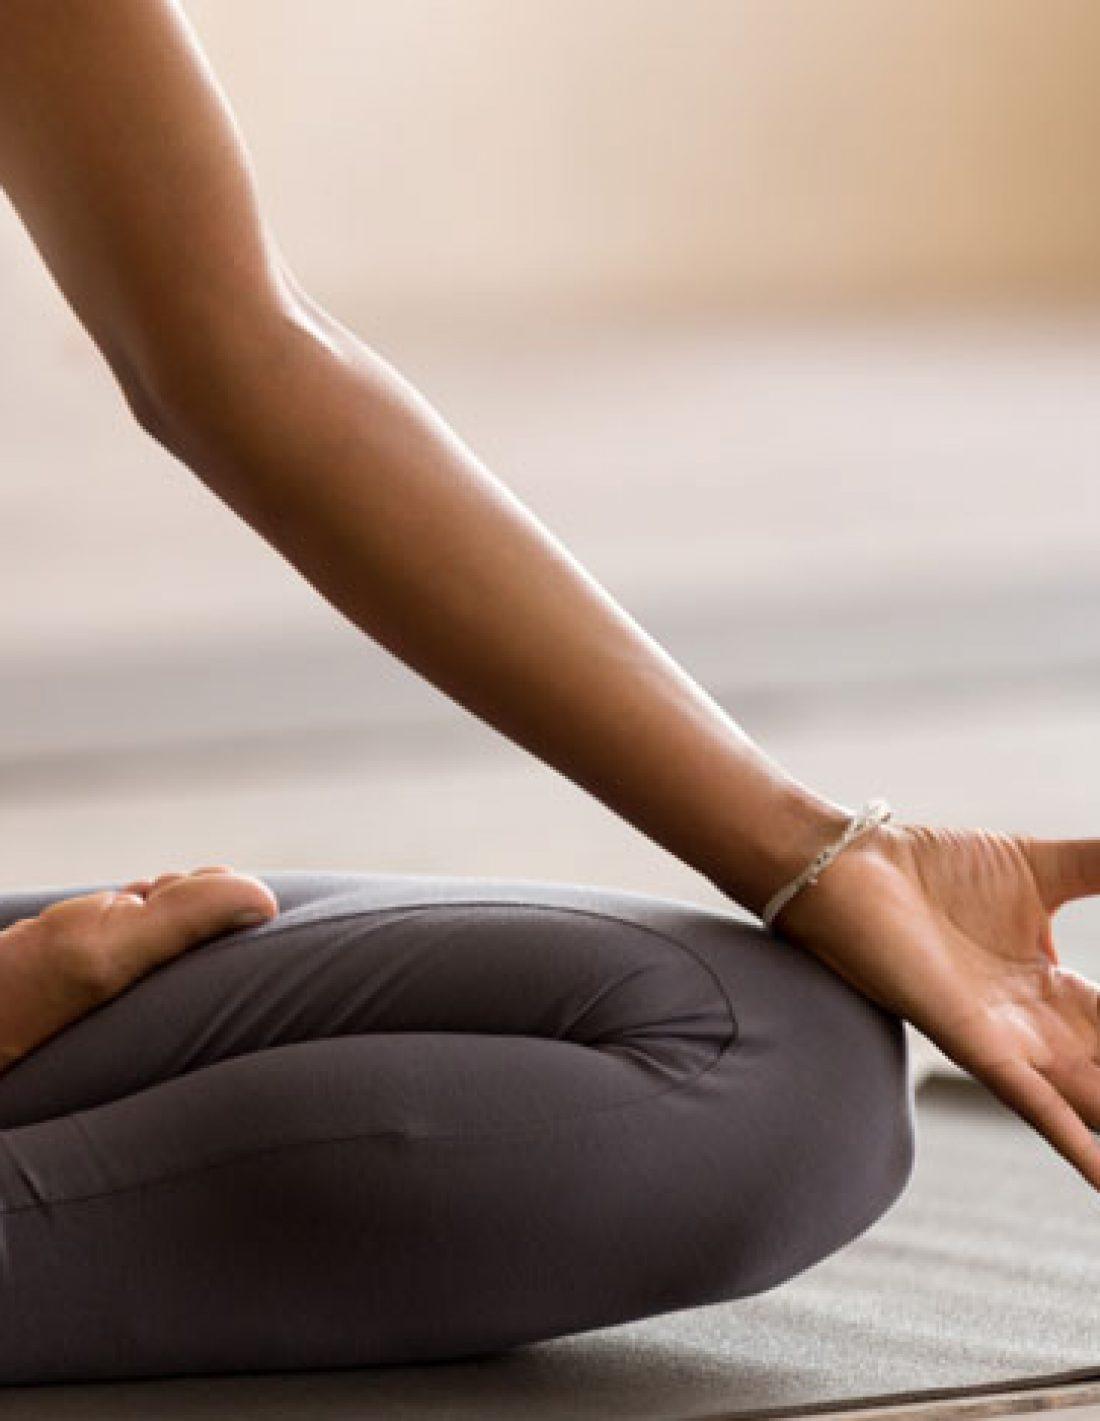 4-postures-de-yoga-pour-bien-setirer